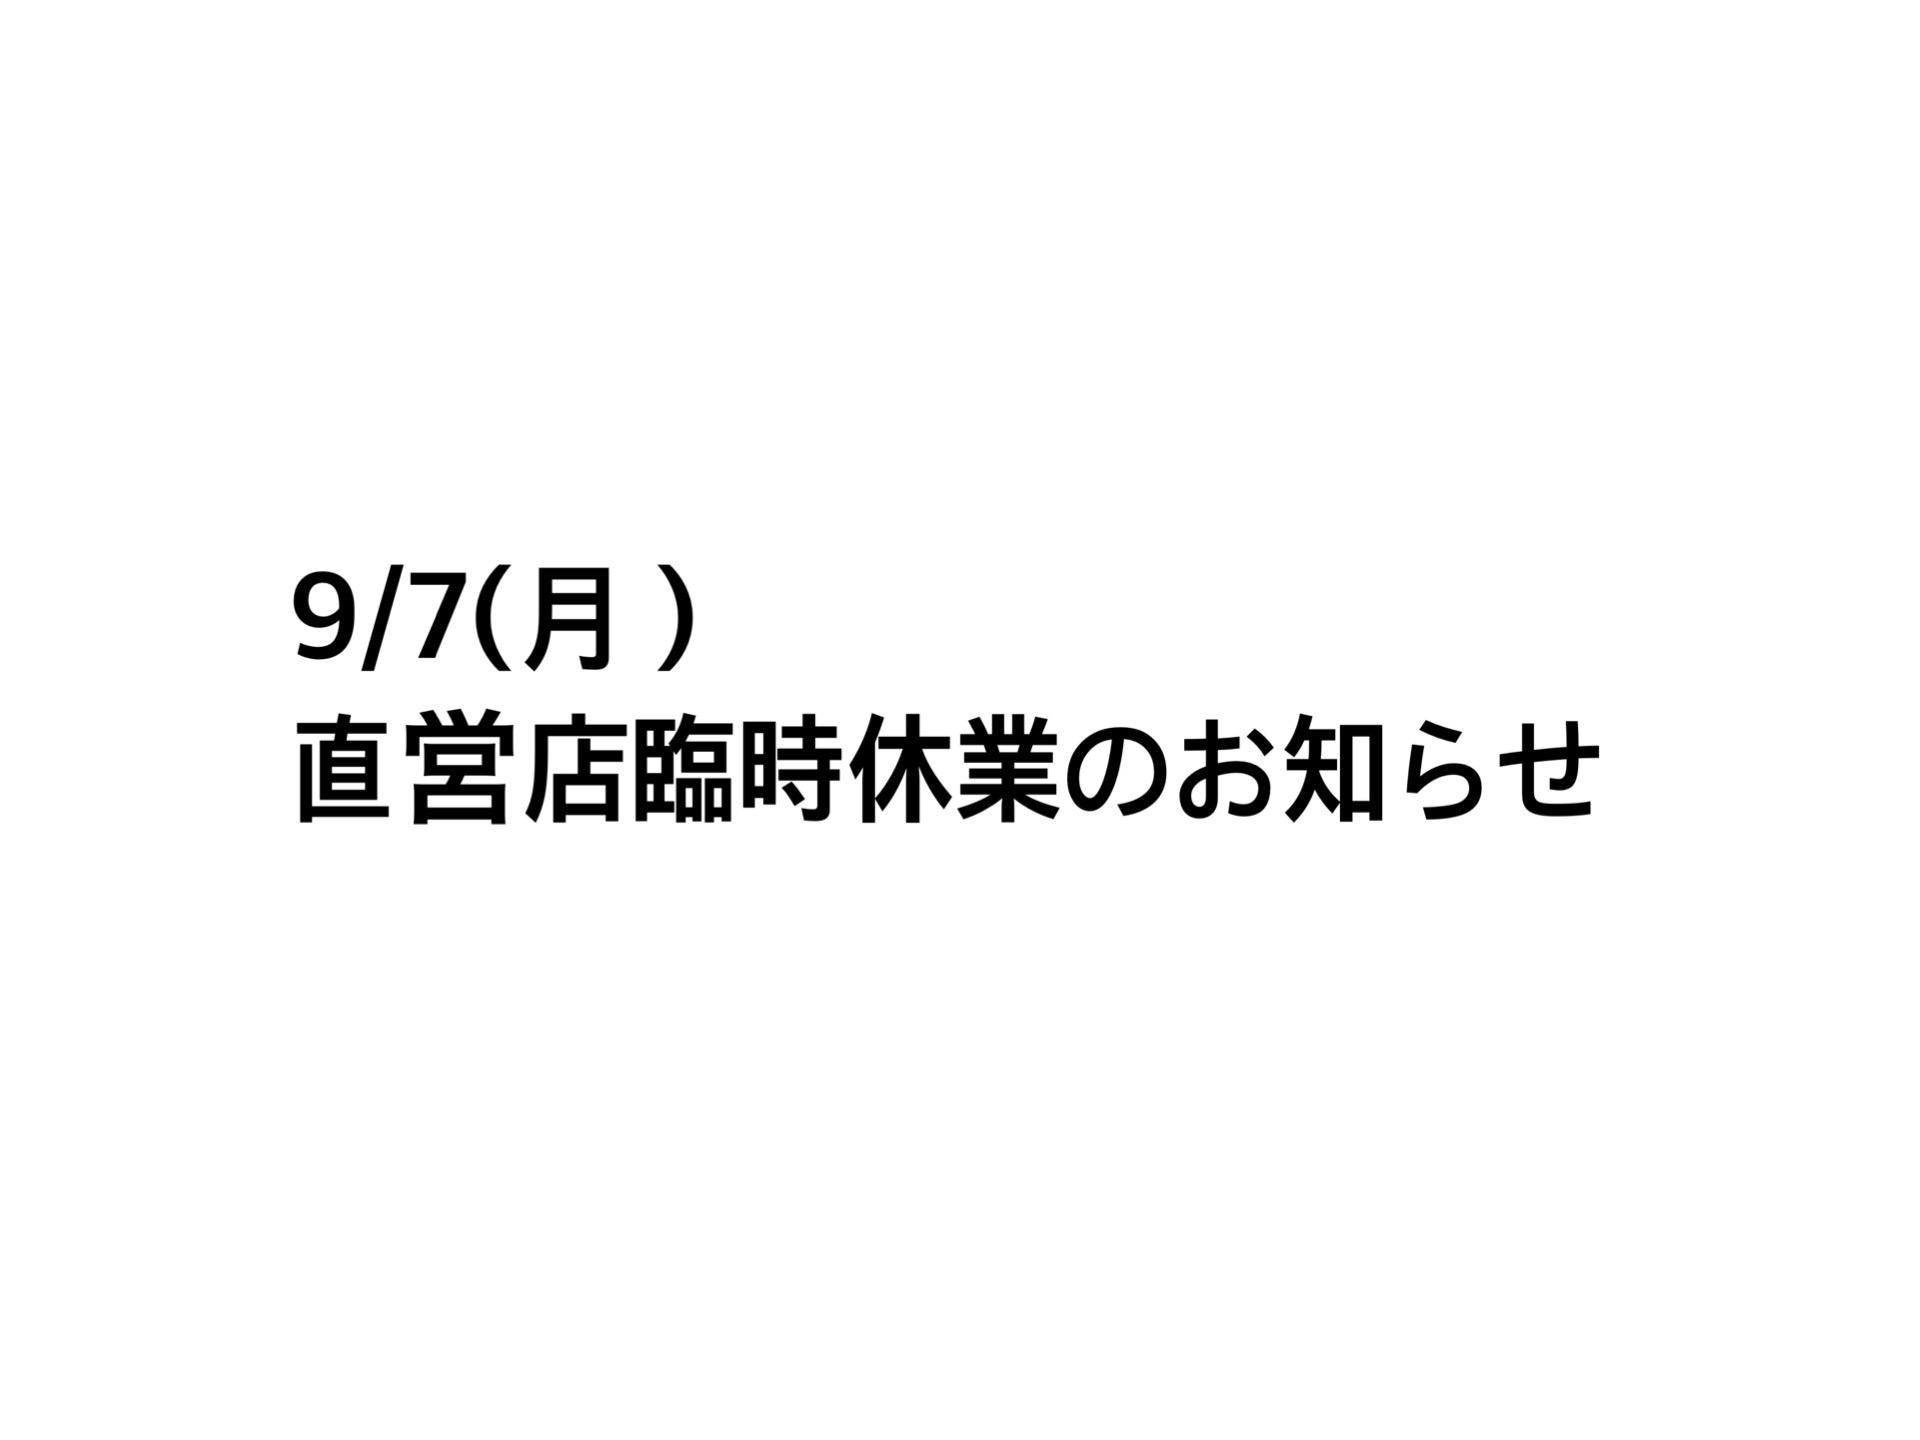 9/7(月)直営店臨時休業のお知らせ